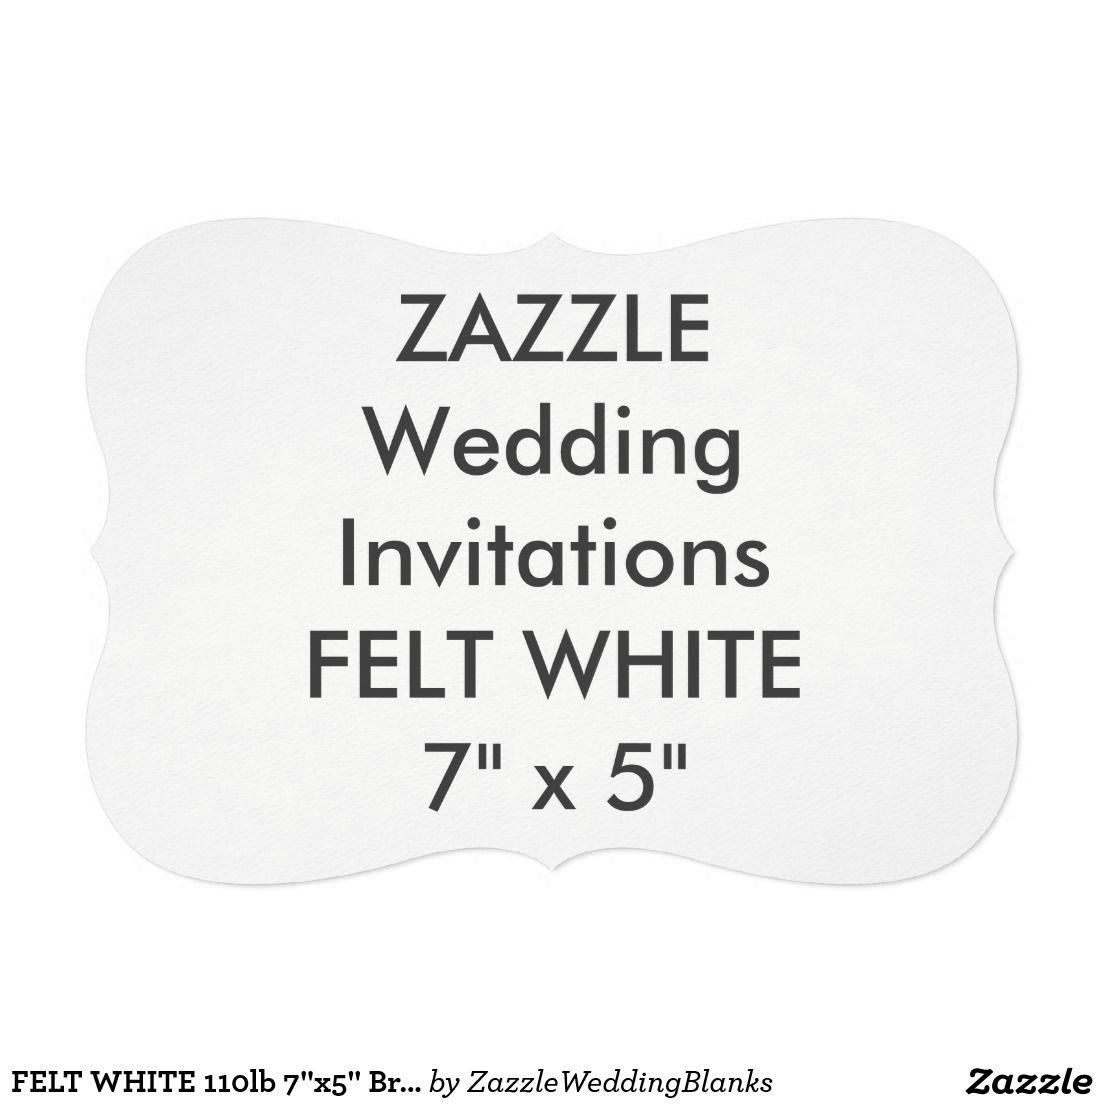 """FELT WHITE 110lb 7""""x5"""" Bracket Wedding Invitations"""